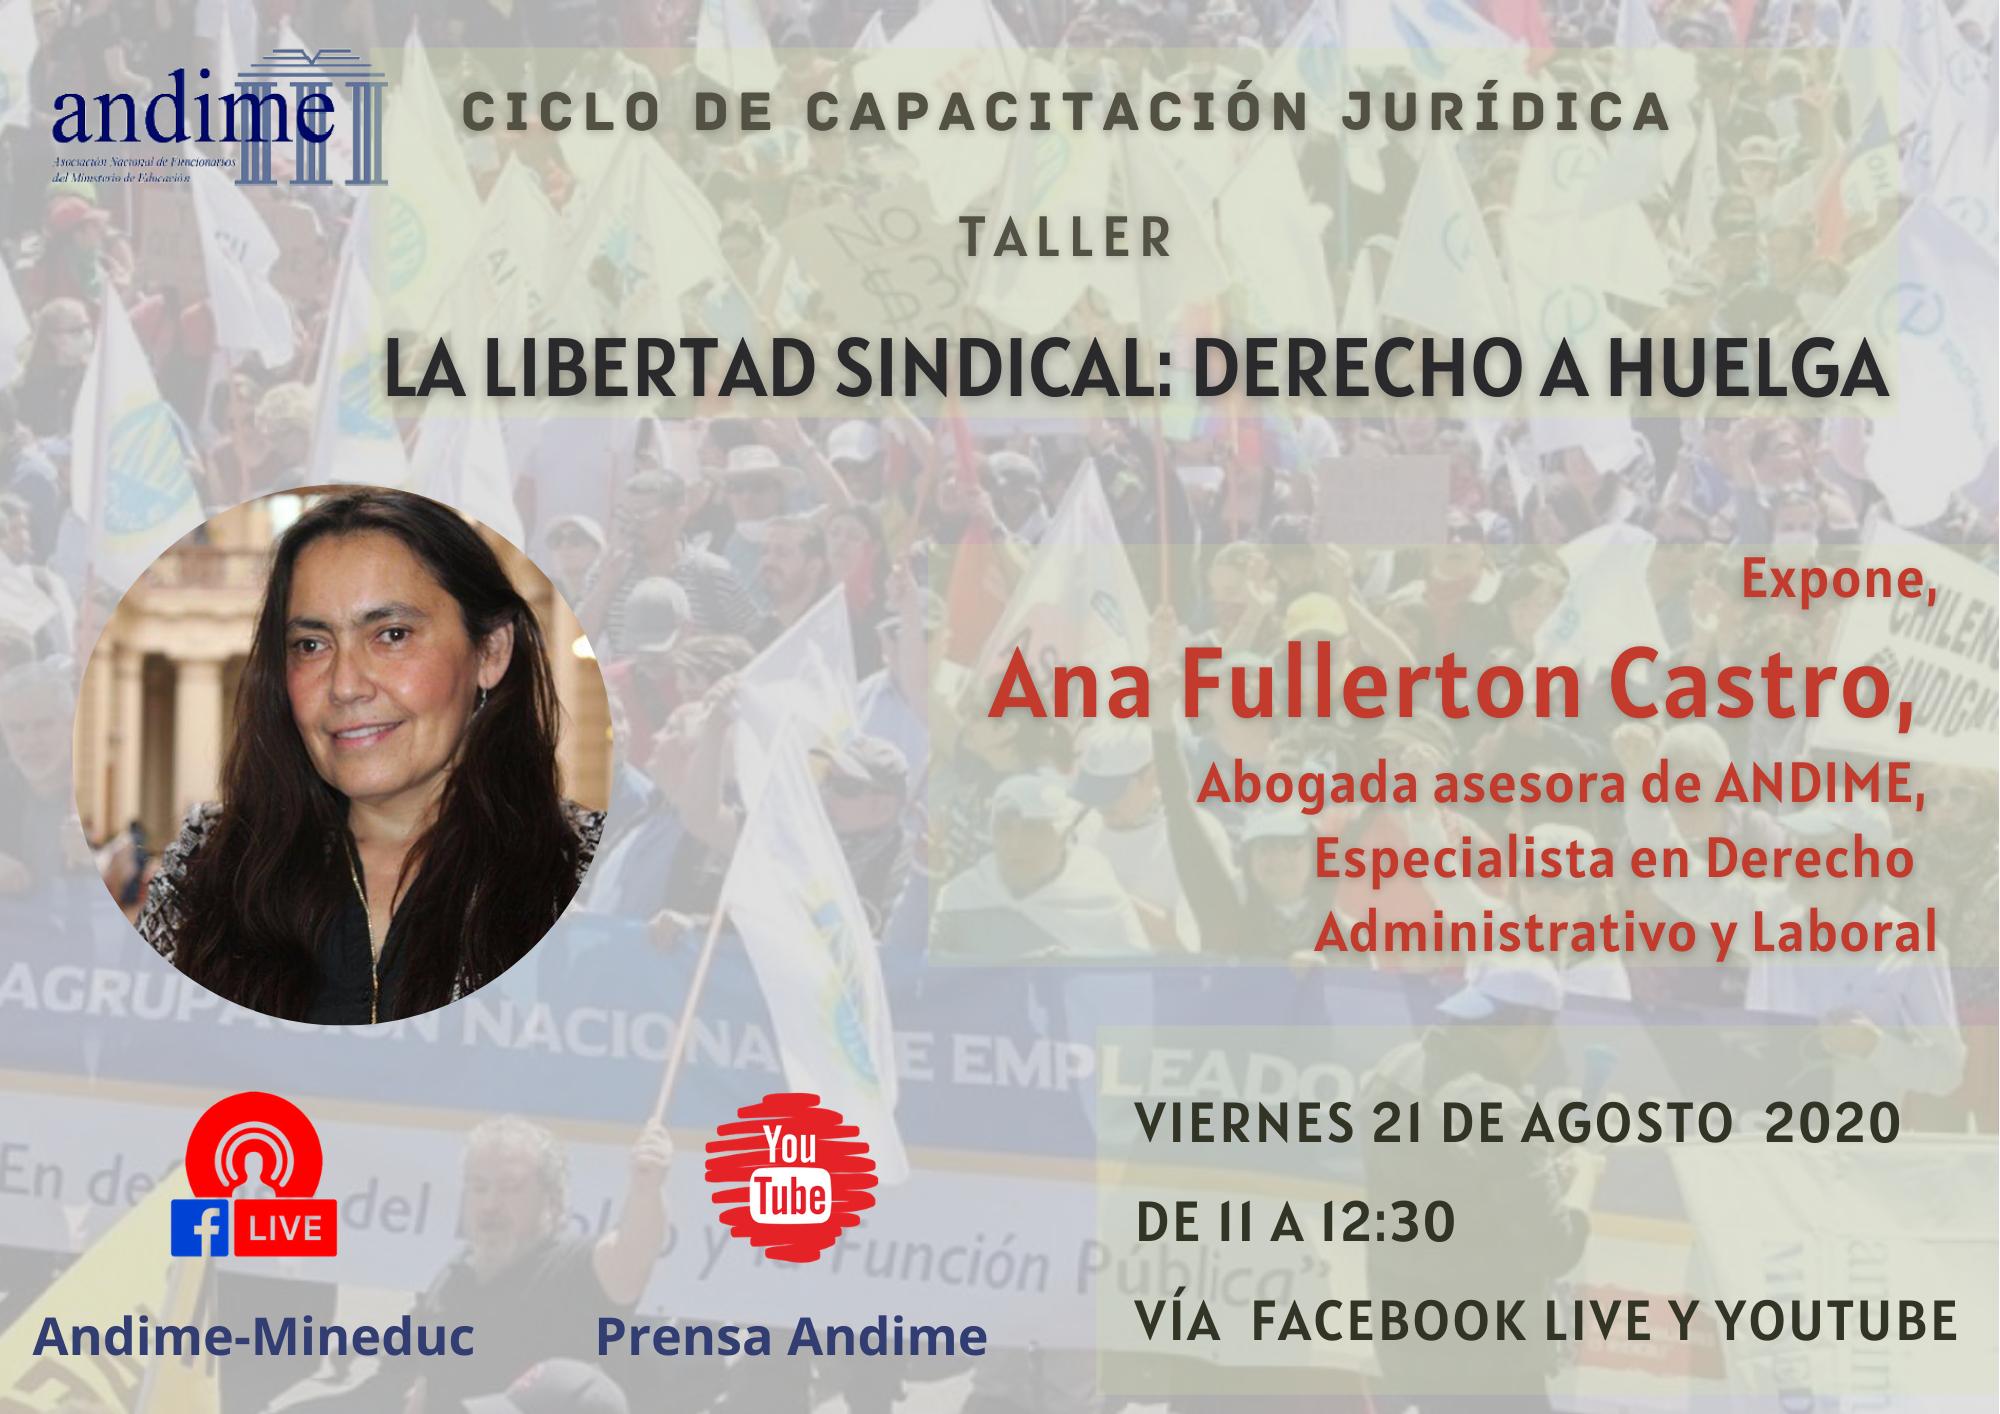 """Nueva capacitación jurídica:                             """"Libertad Sindical: Derecho a Huelga"""""""